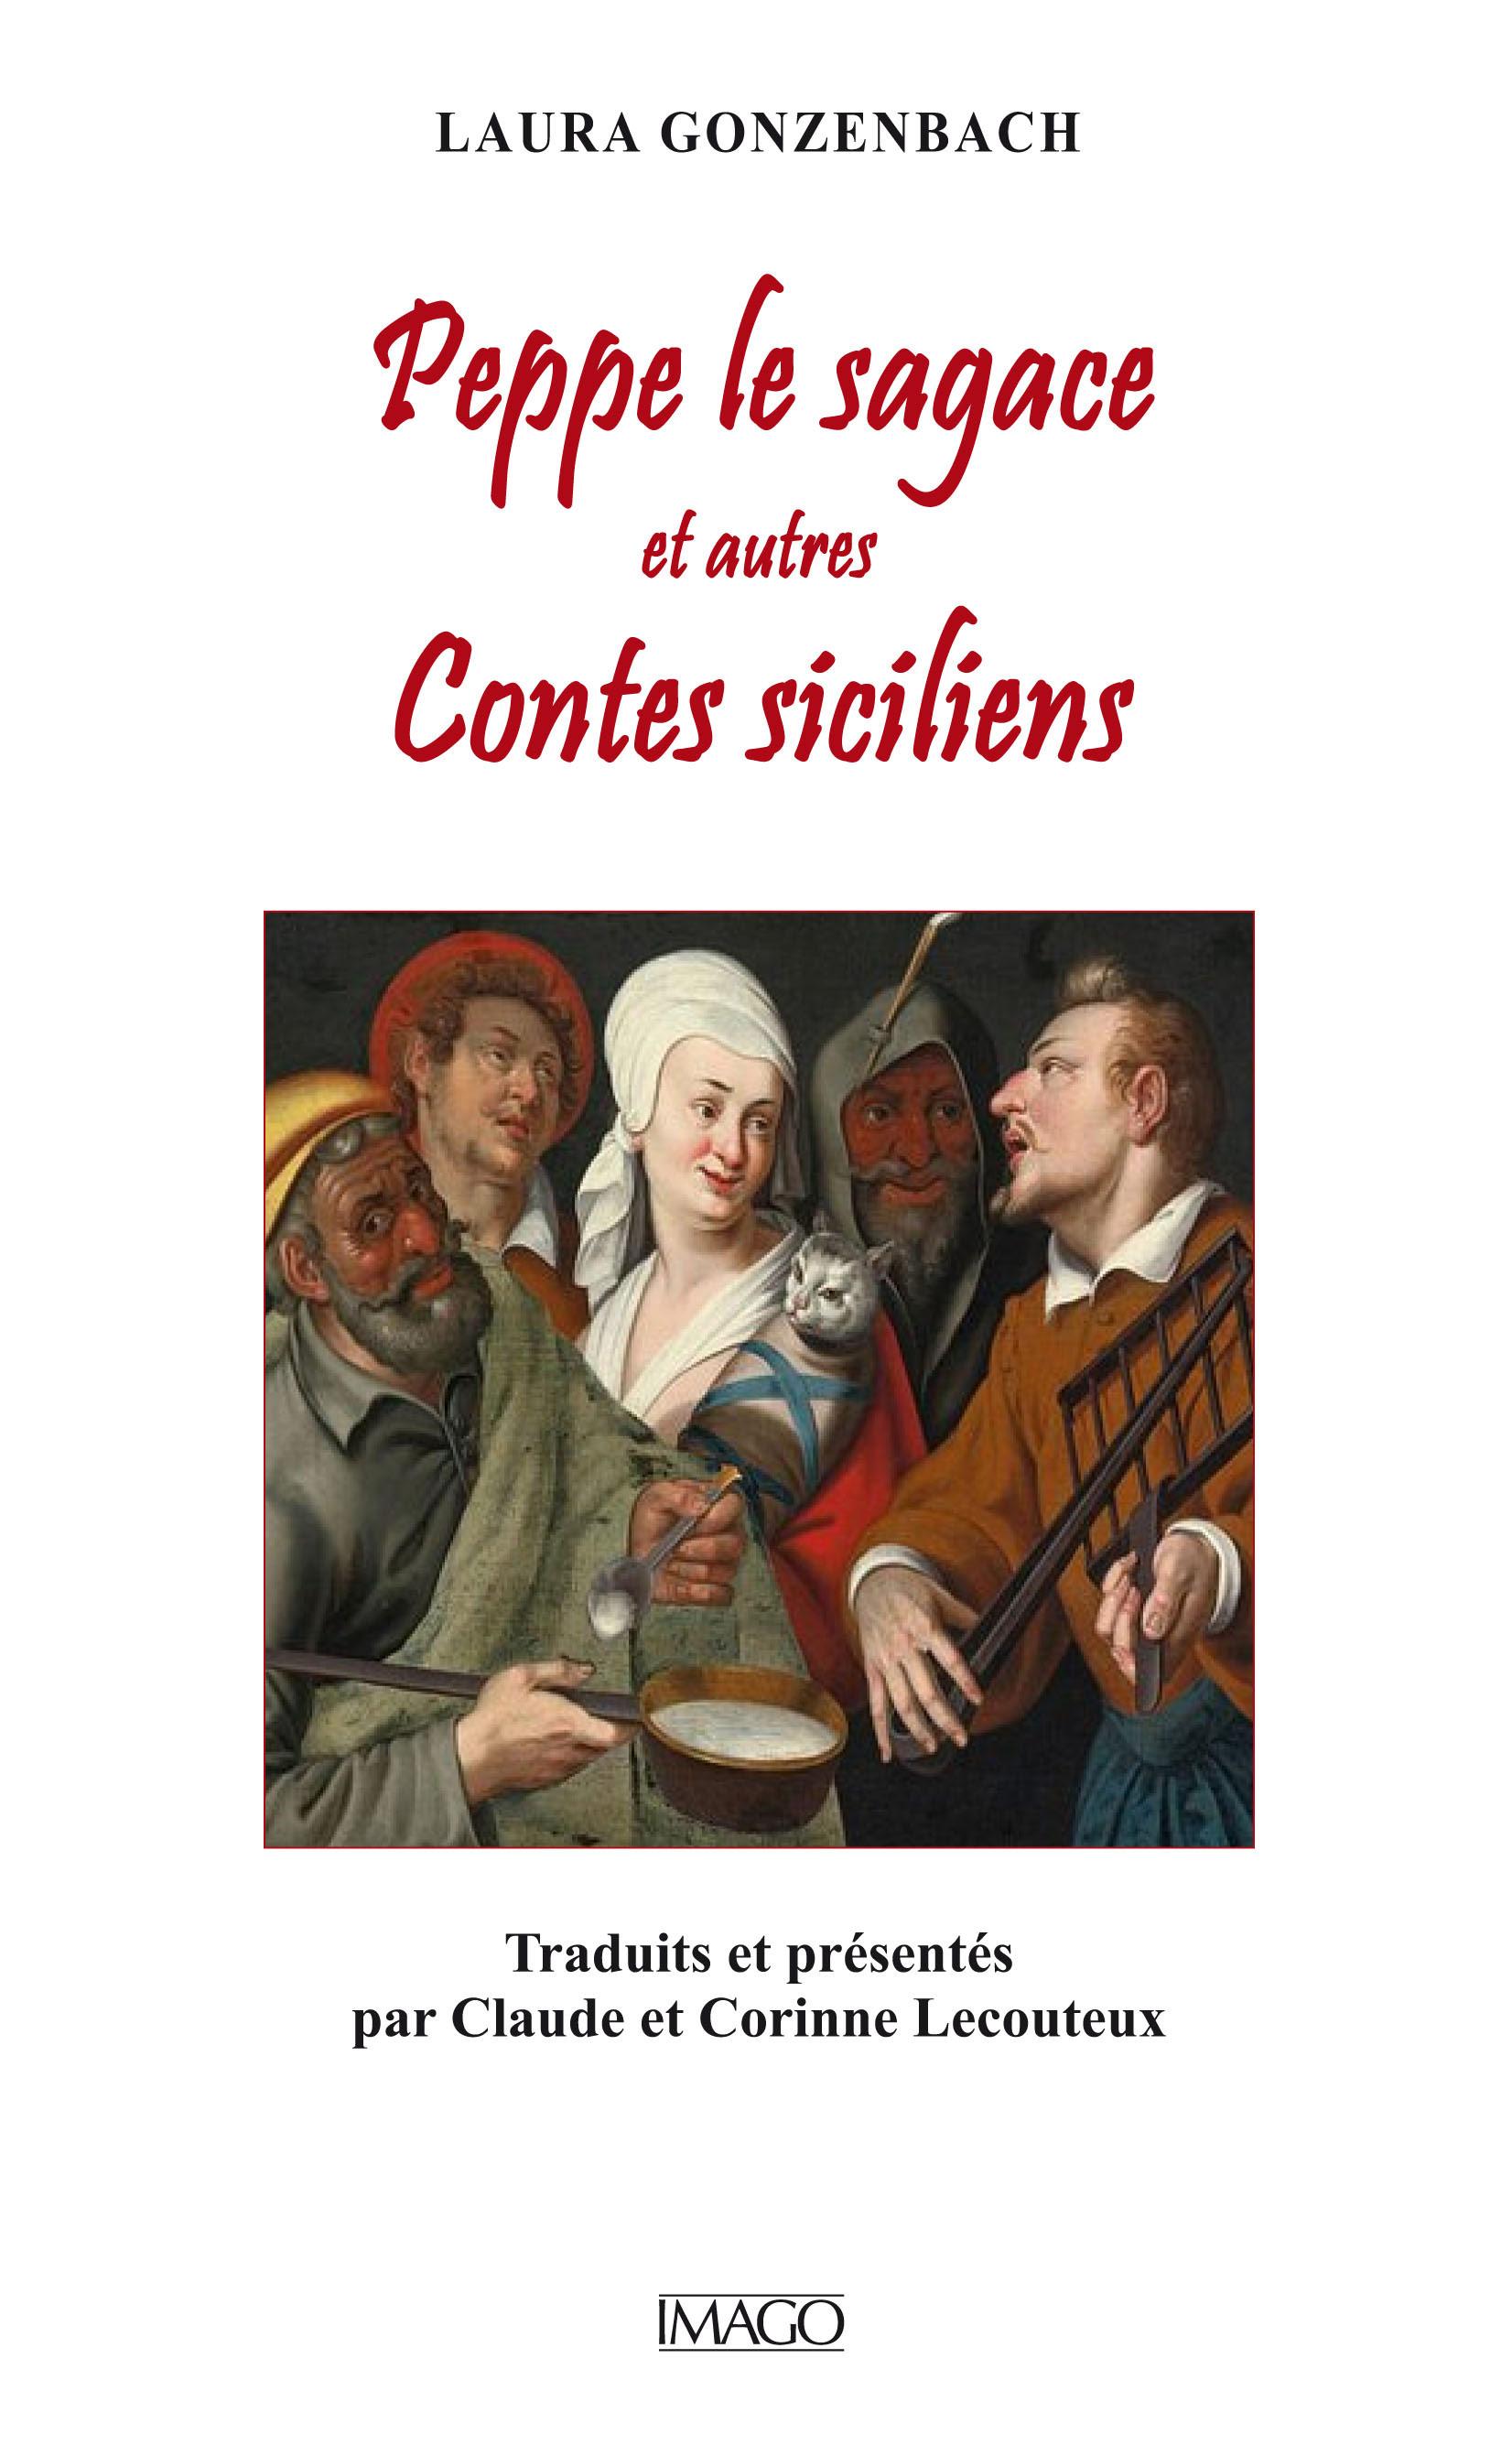 Peppe le sagace et autres contes siciliens